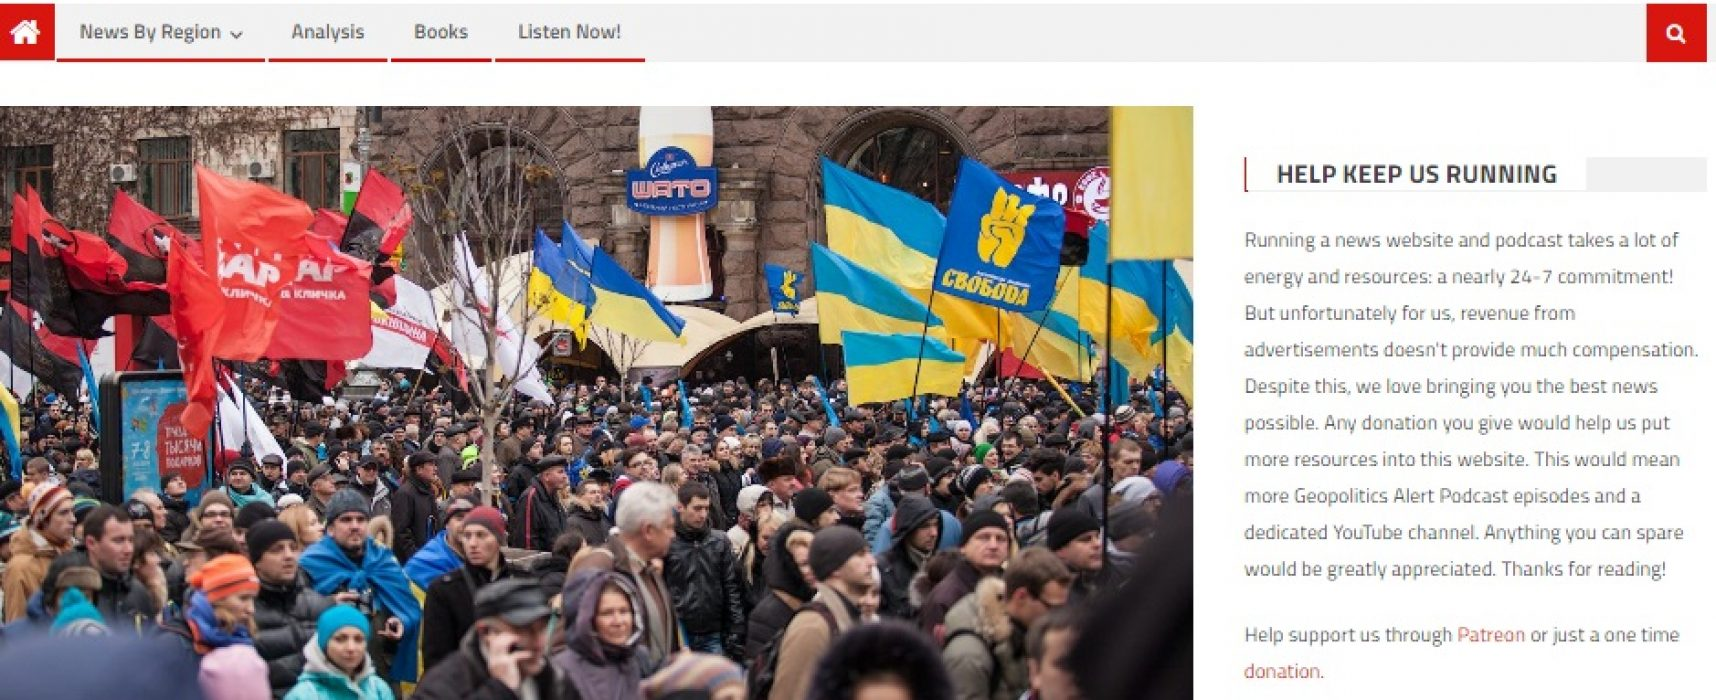 «Марш Славы»: как подпитывается миф о фашизме в Украине